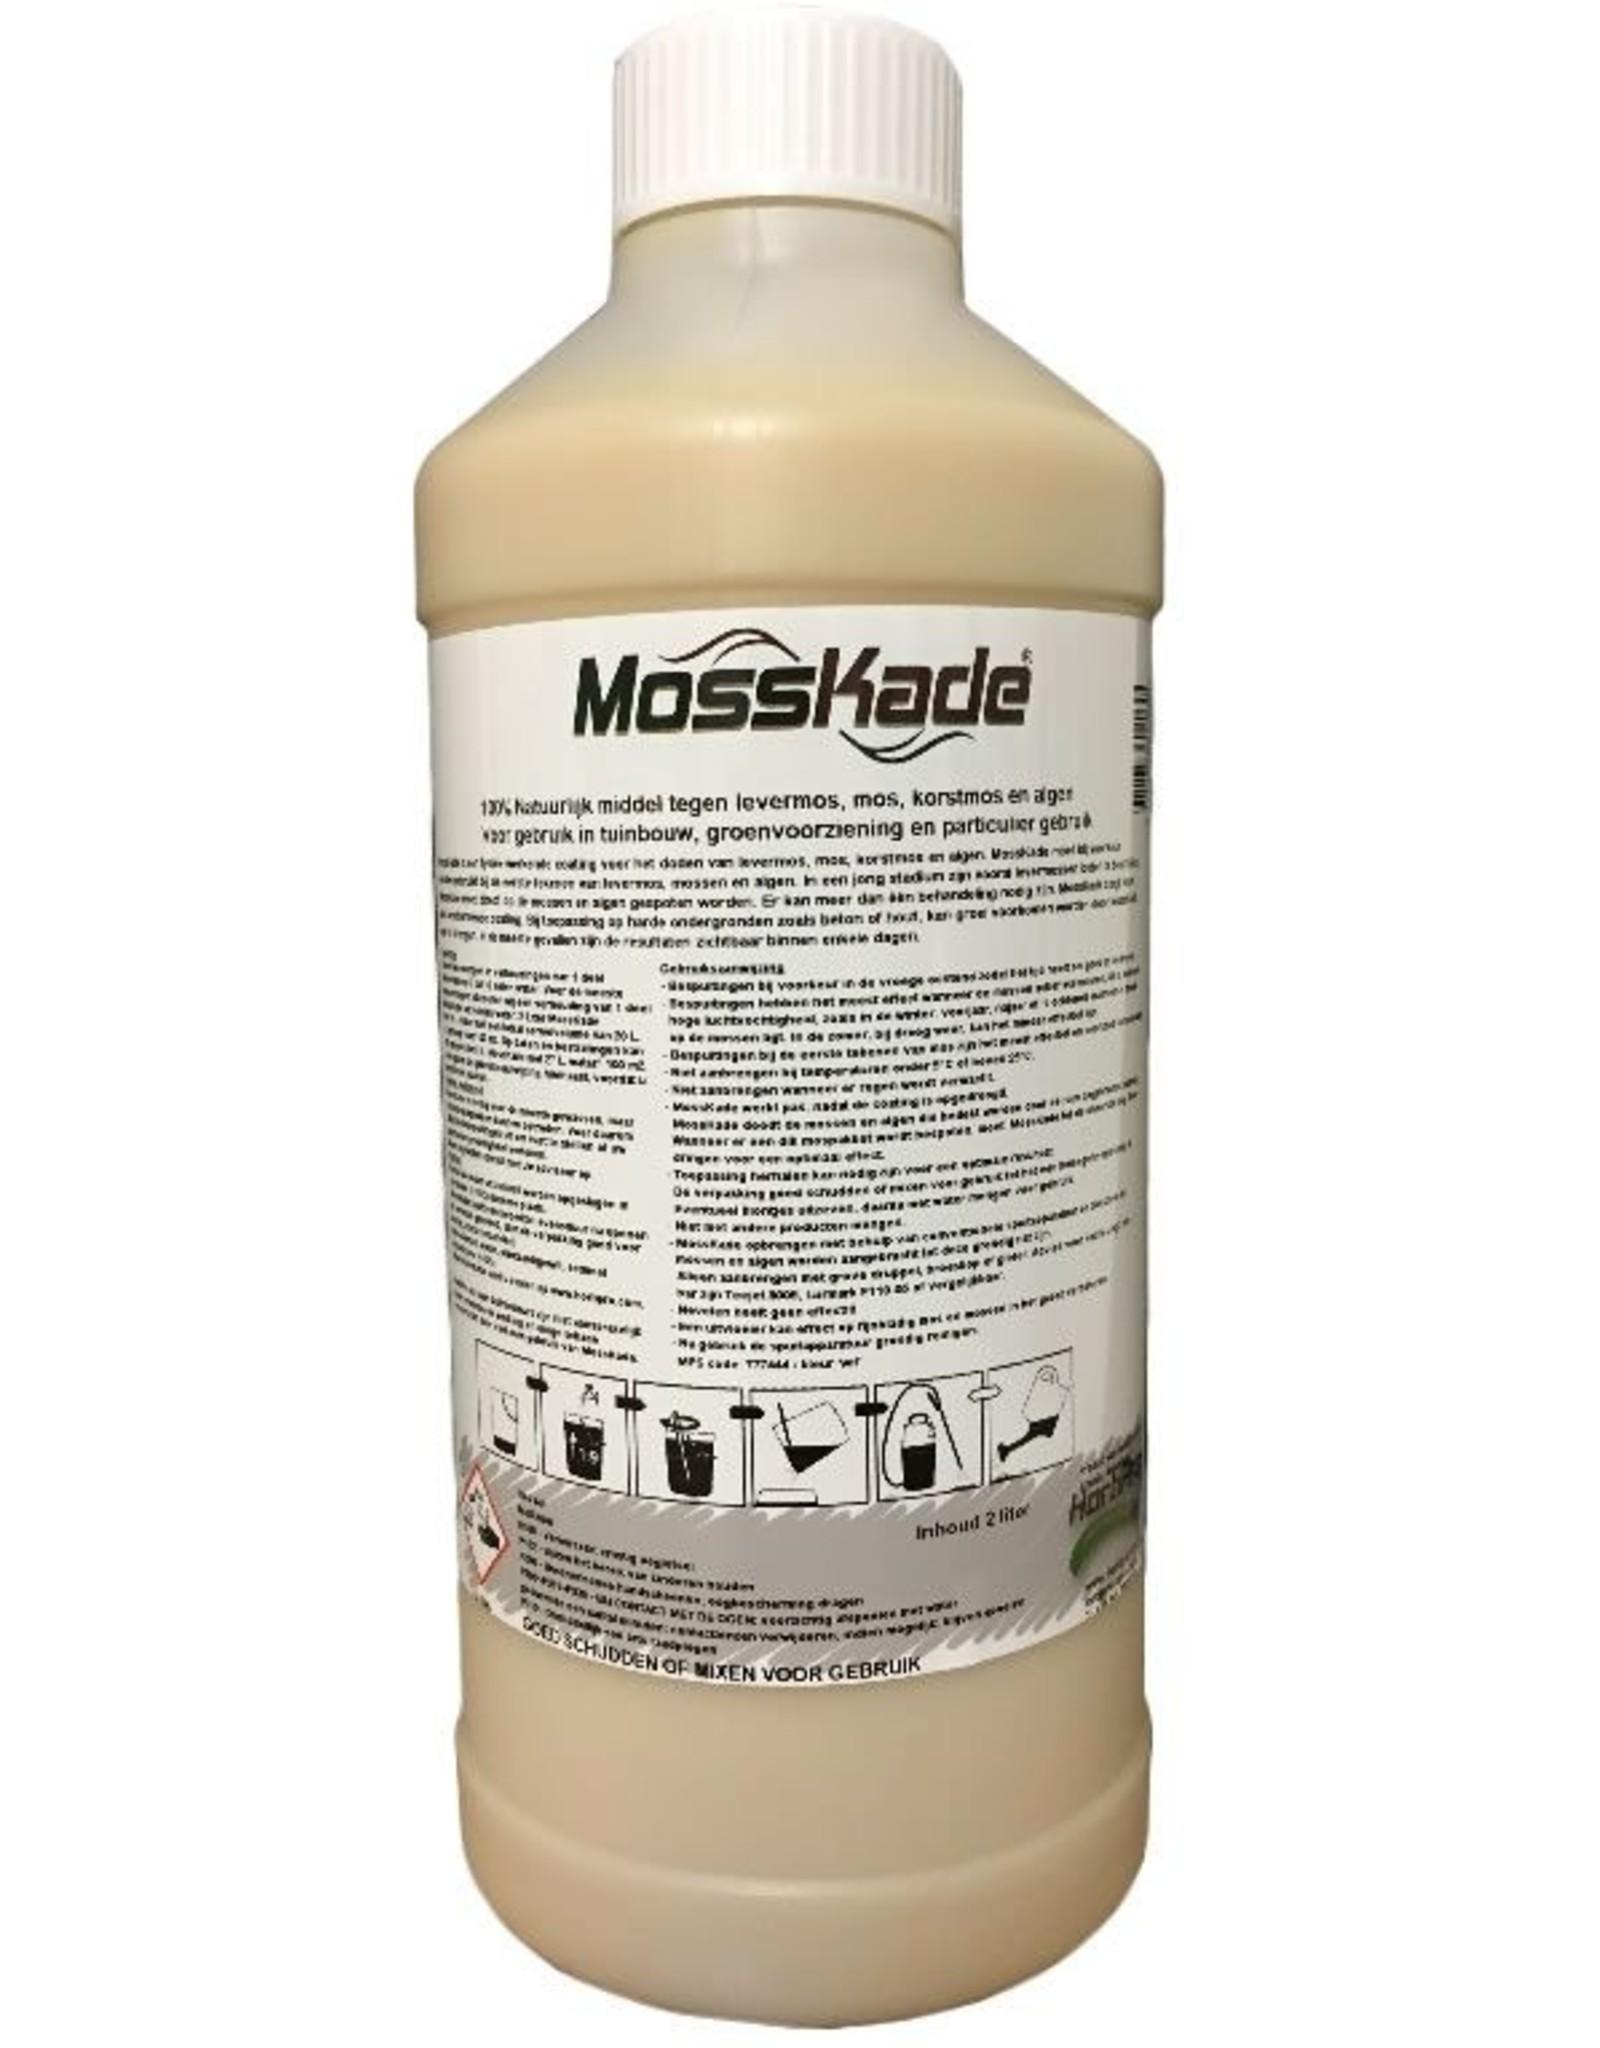 HortiPro MossKade 2 liter (concentraat) tegen levermos, mos (ook in het gazon), korstmos en algen